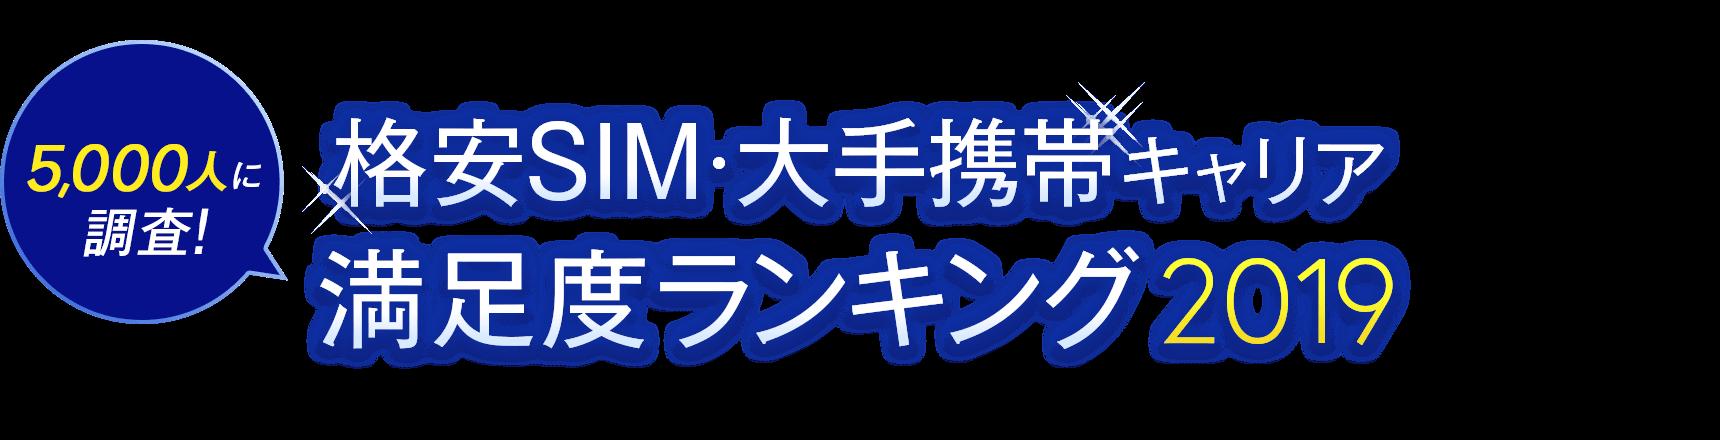 5,000人に調査!格安SIM・大手携帯キャリア 満足度ランキング 2018